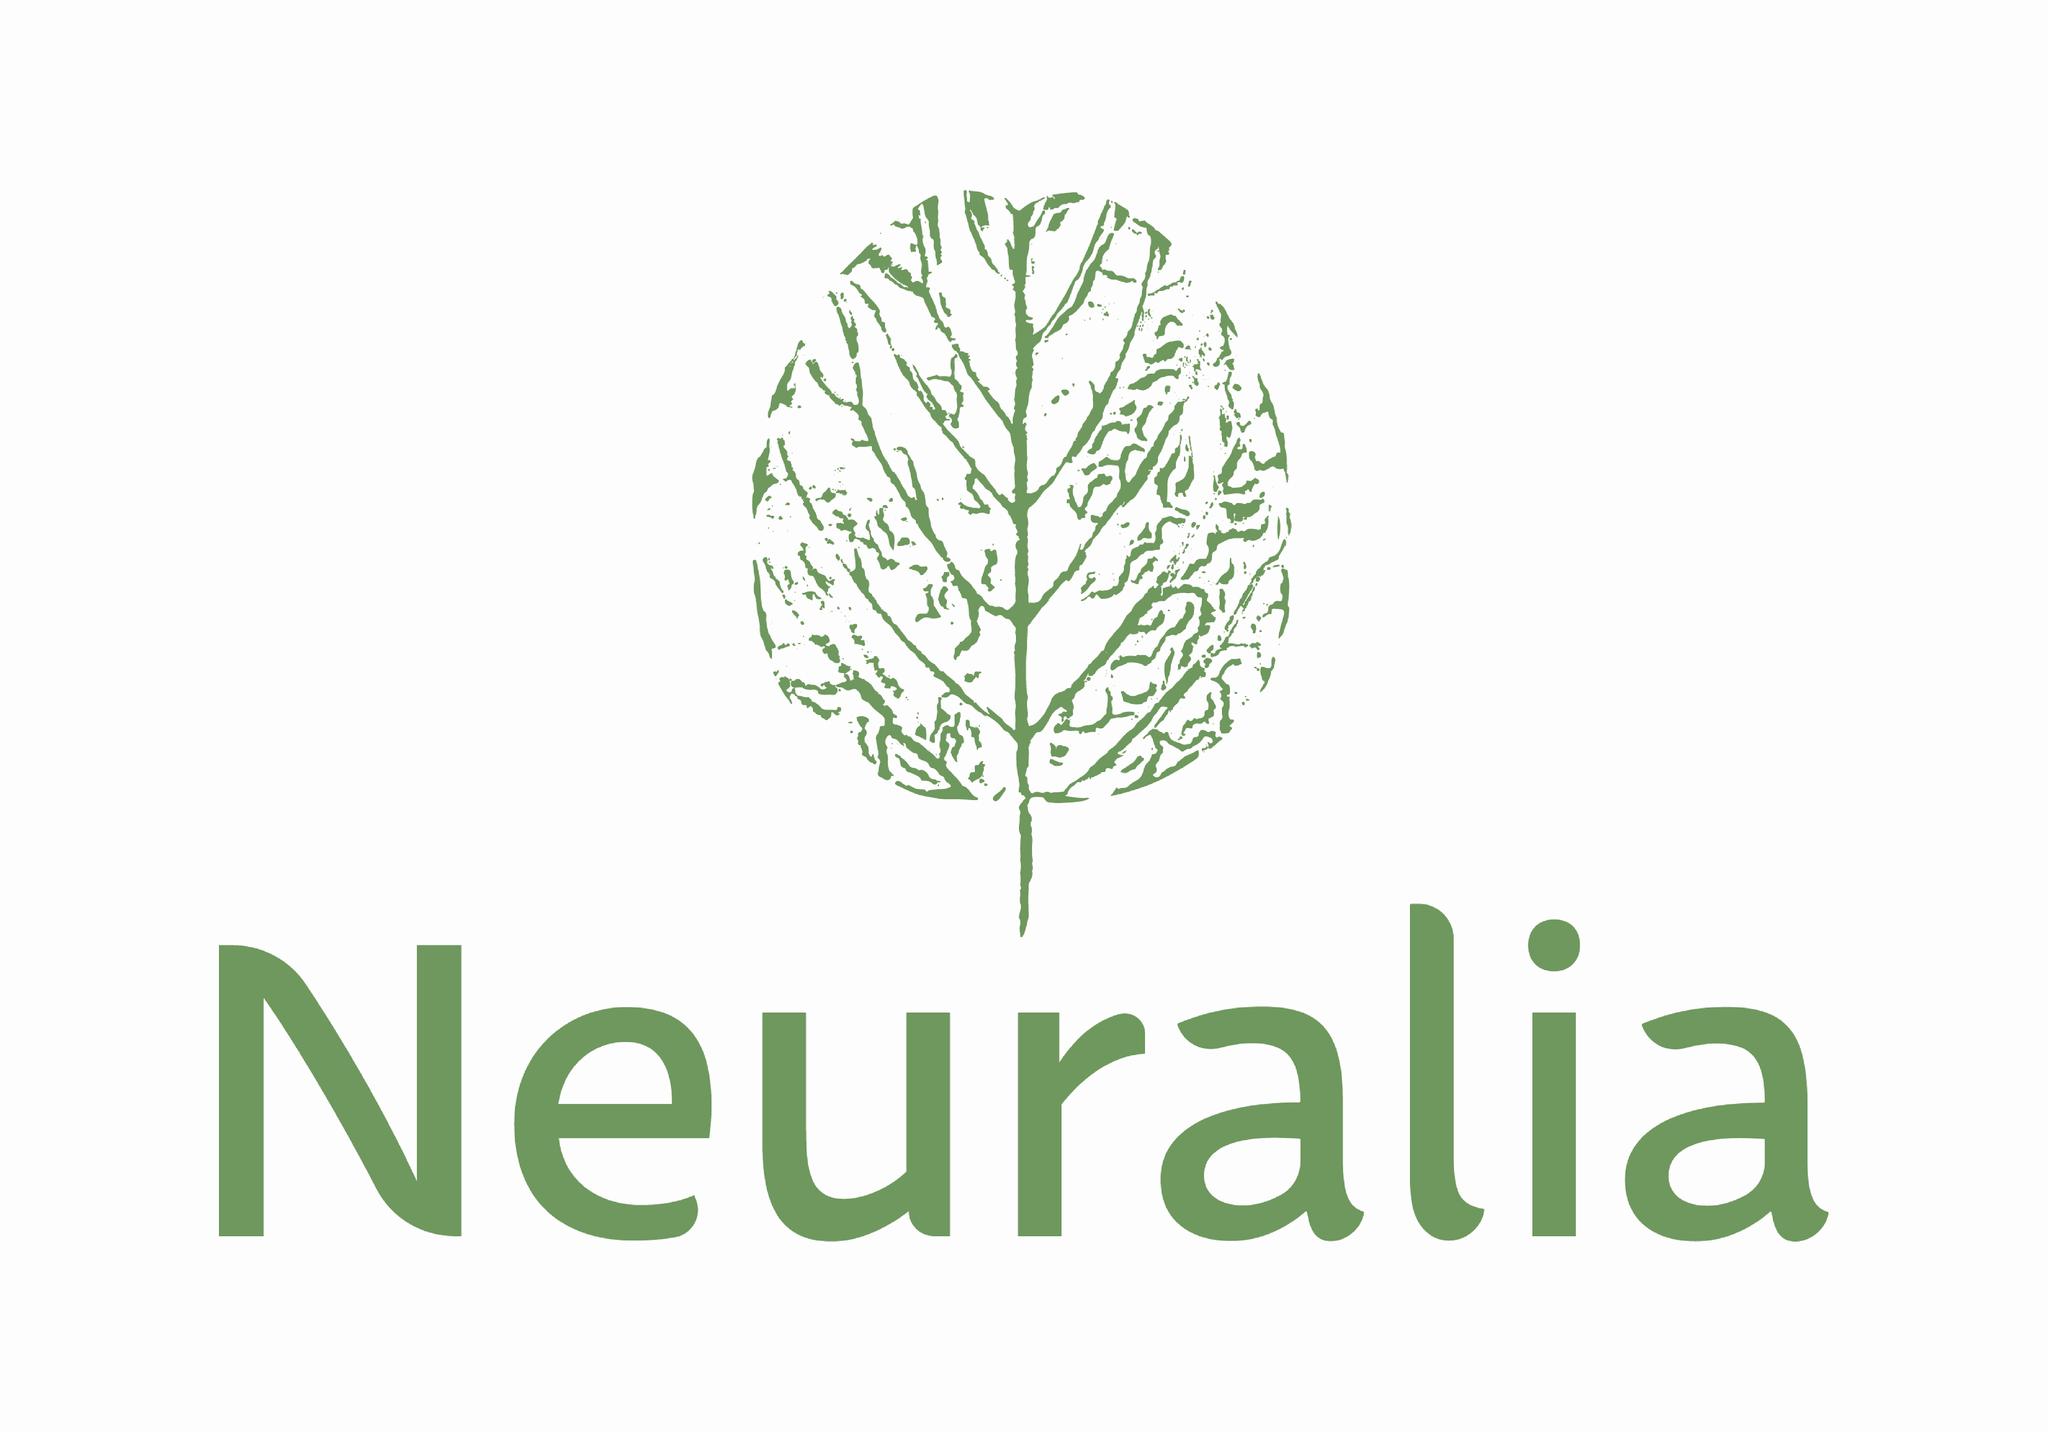 Neuralia